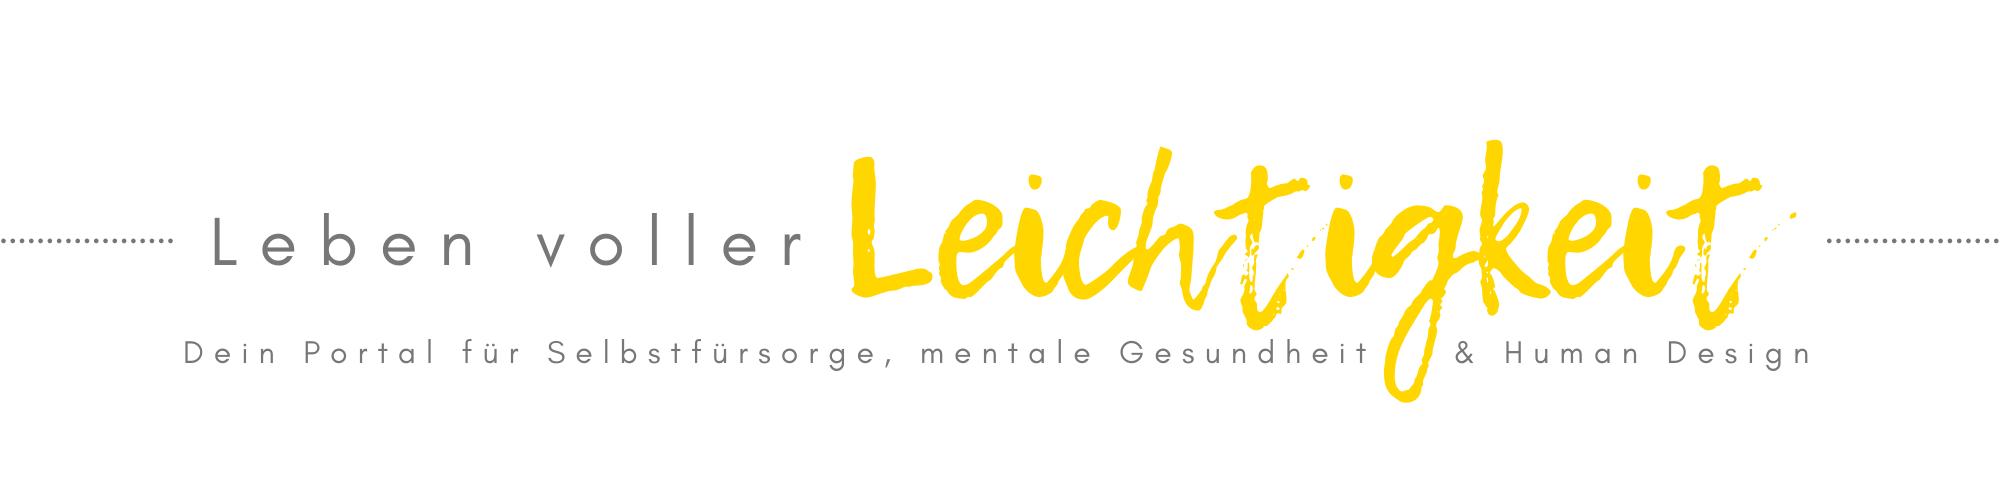 Leben voller Leichtigkeit - dein Blog für Selbstfürsorge und mentale Gesundheit